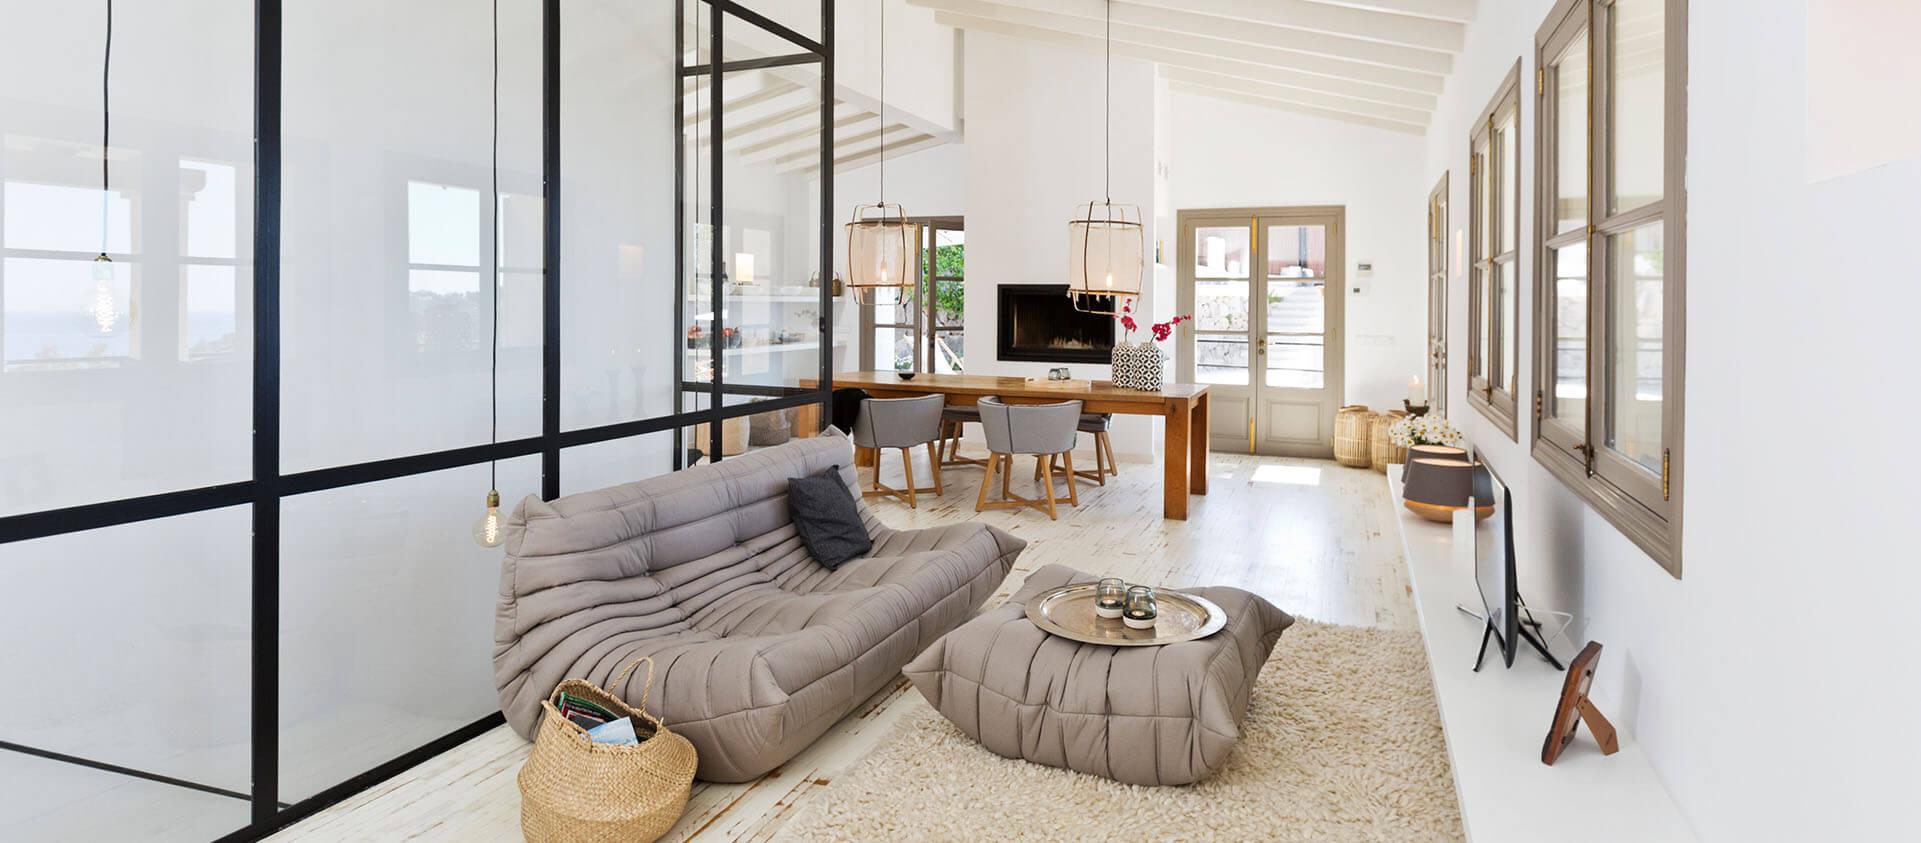 Wohnbereich mit moderner, mediterraner Einrichtung mit industrial Charme